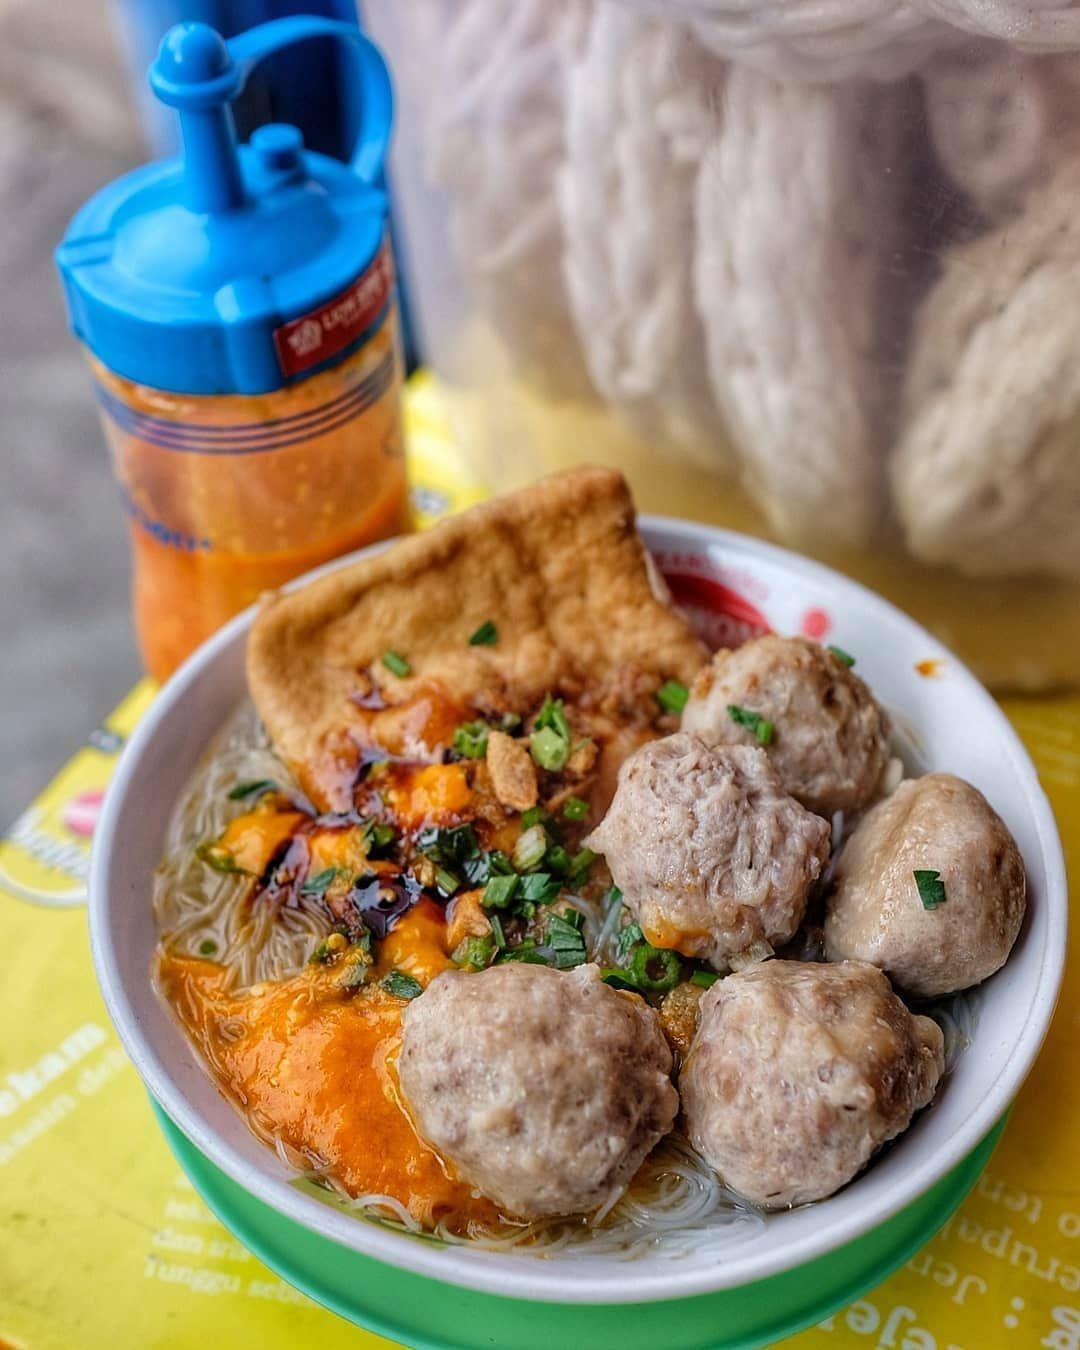 Bakso Komplit Yang Enak Dan Murah Makanan Dan Minuman Ide Makanan Masakan Indonesia